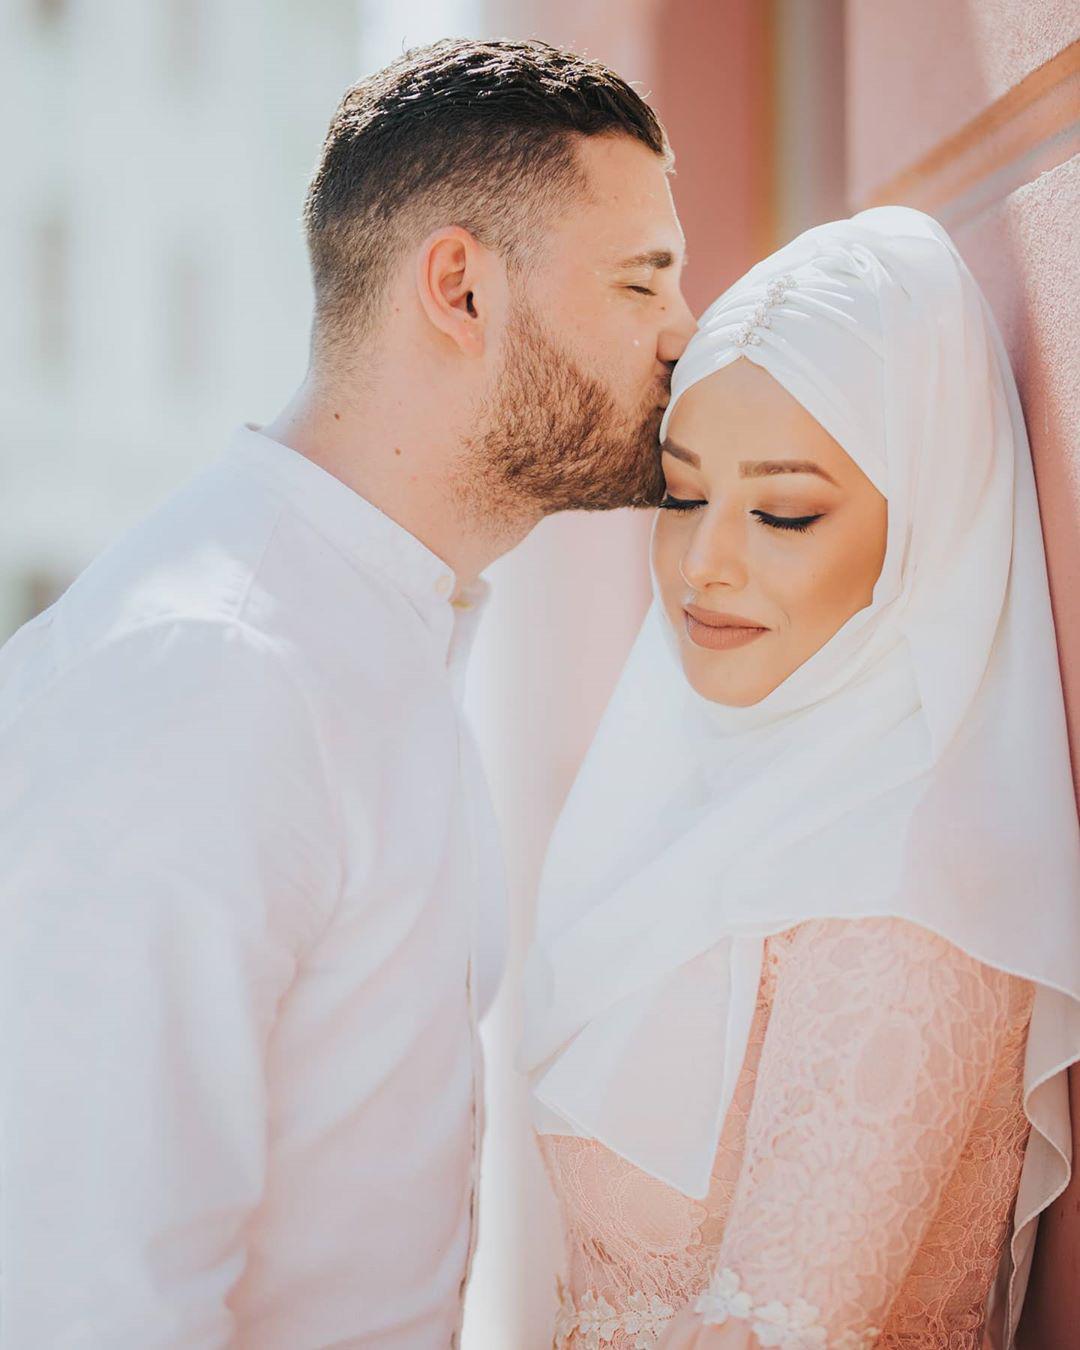 Oženio se naš mladi pjevač: Pogledajte njihove prve zajedničke fotografije